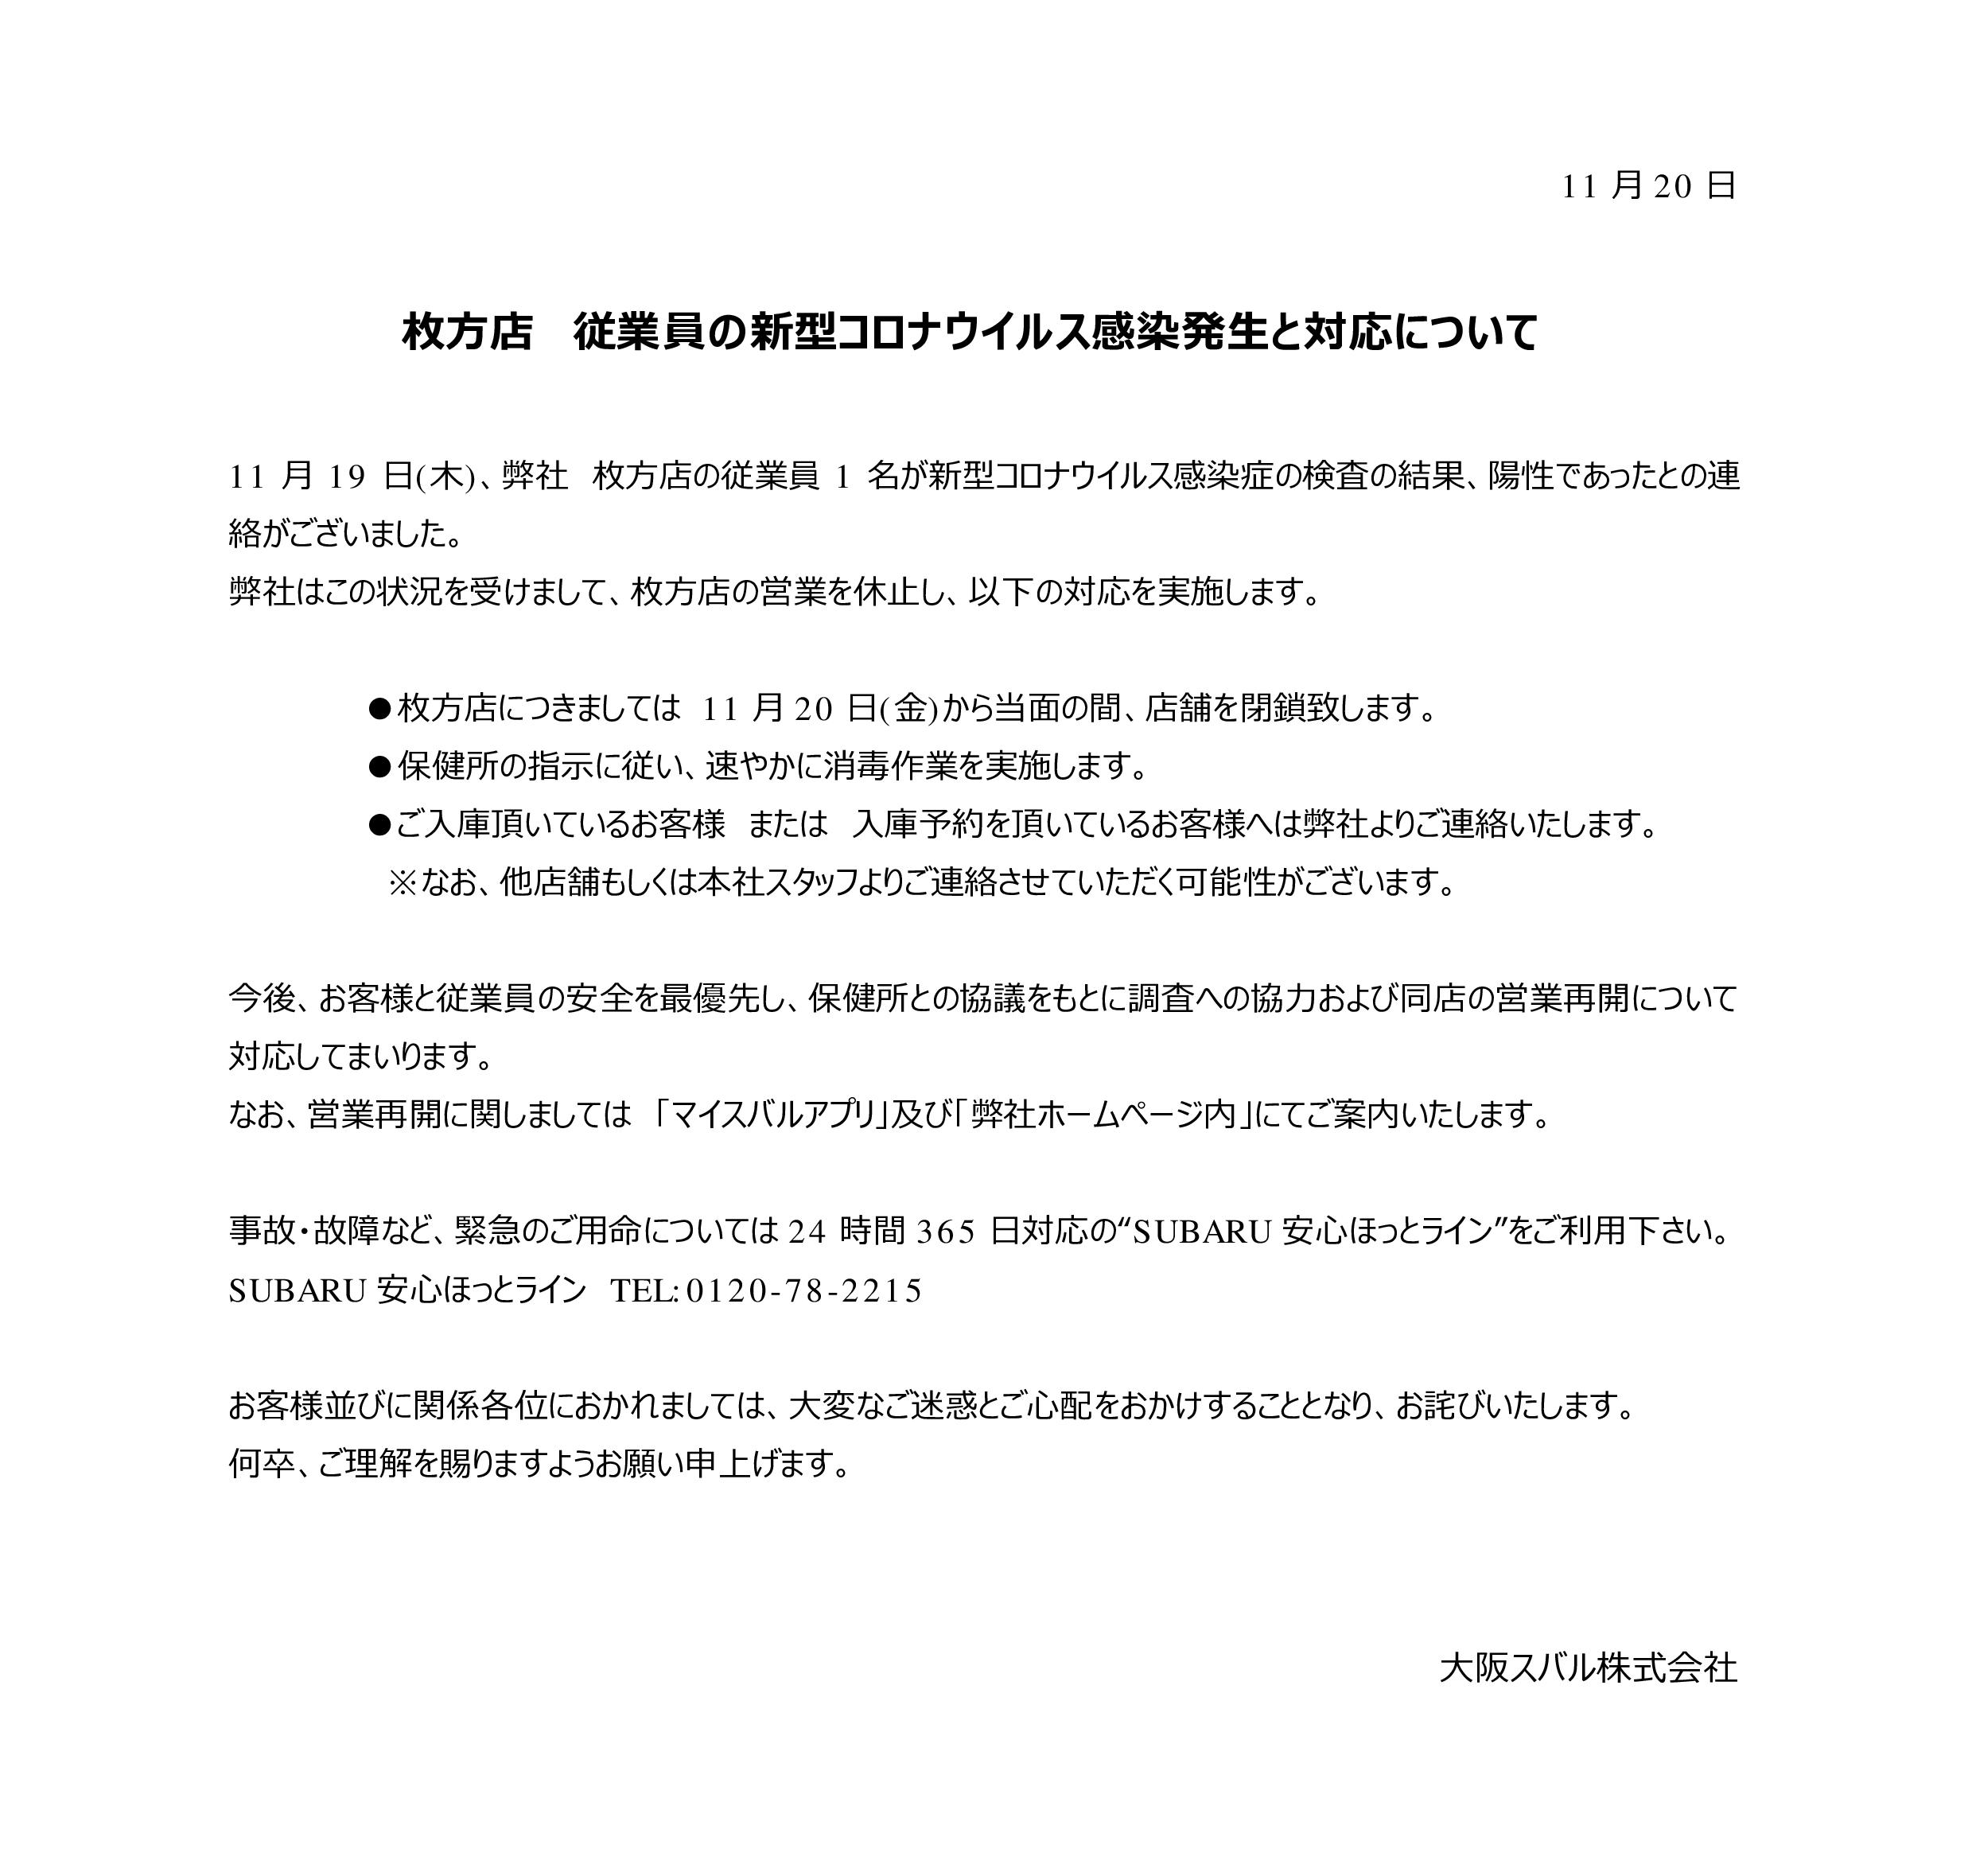 ウイルス 大阪 枚方 コロナ